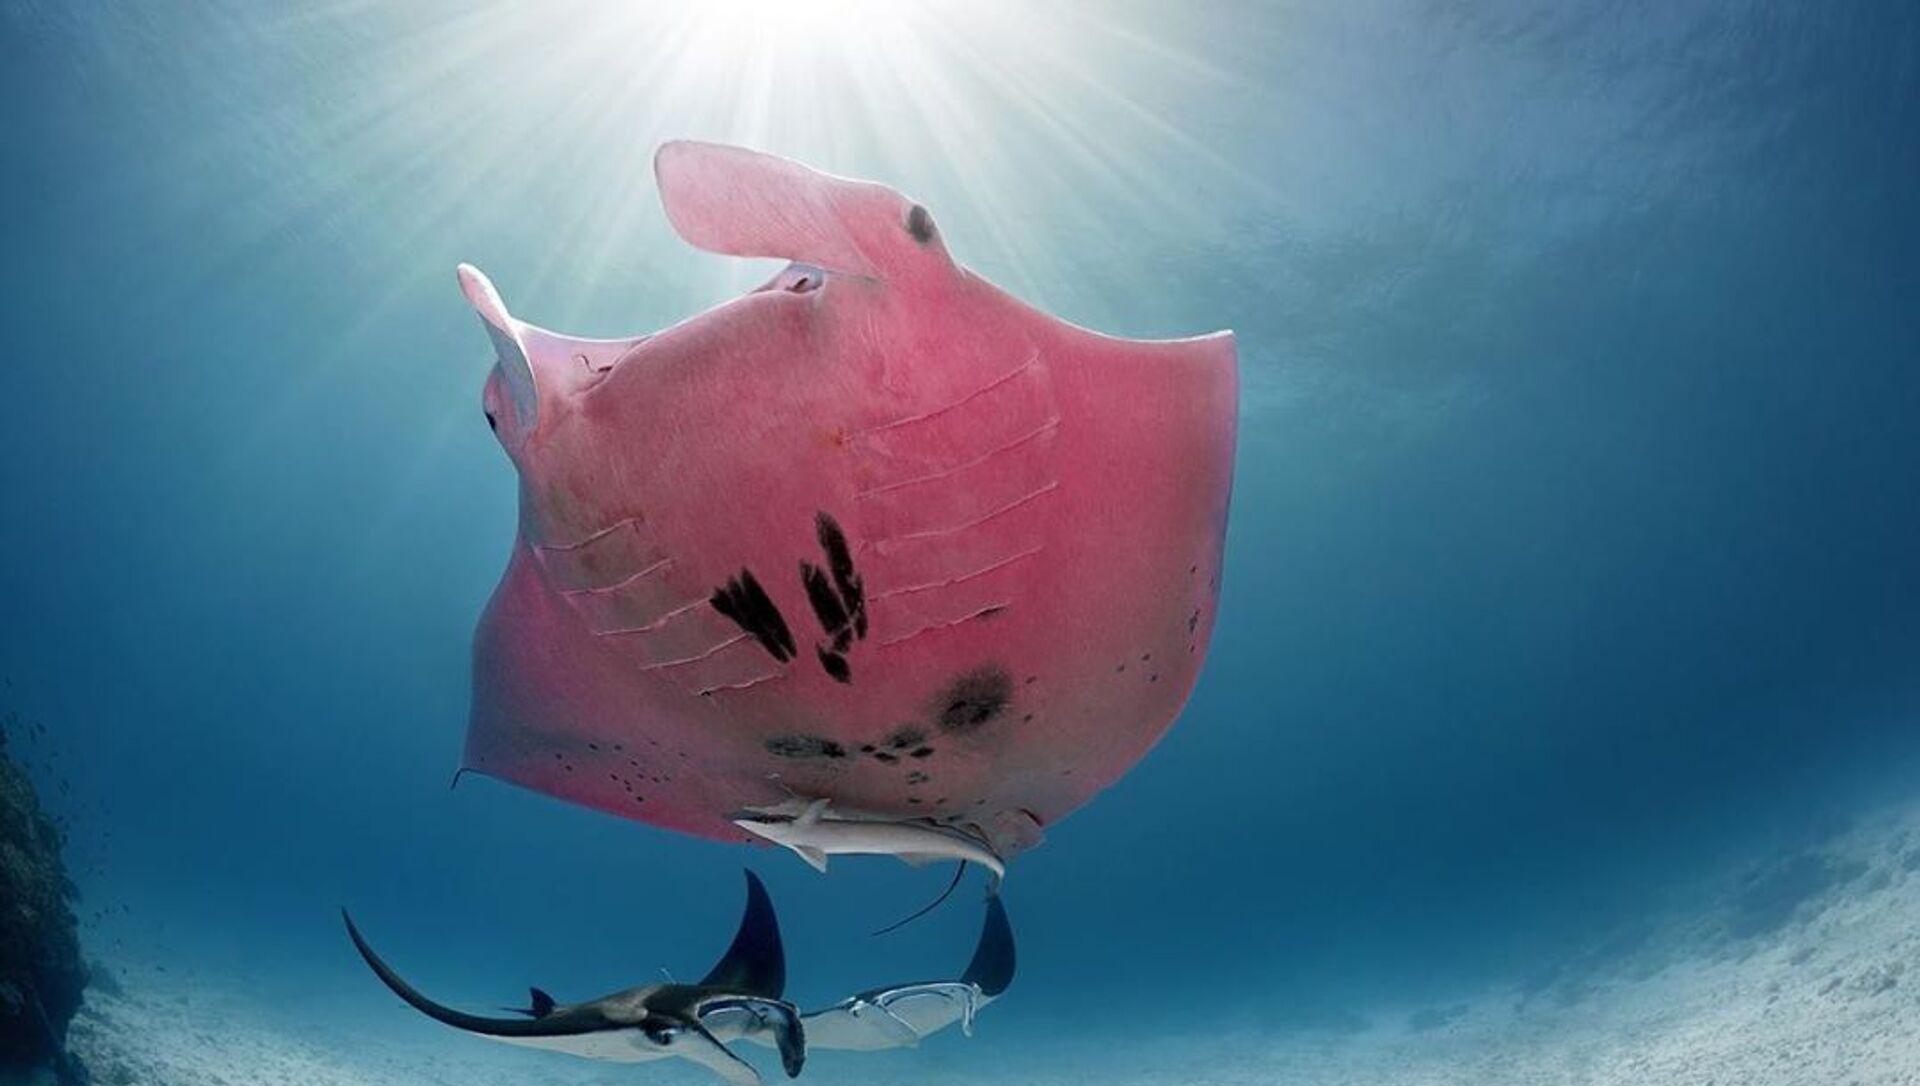 Inspector Clouseau, la singular mantarraya rosa de la Gran Barrera de Coral - Sputnik Mundo, 1920, 06.03.2020